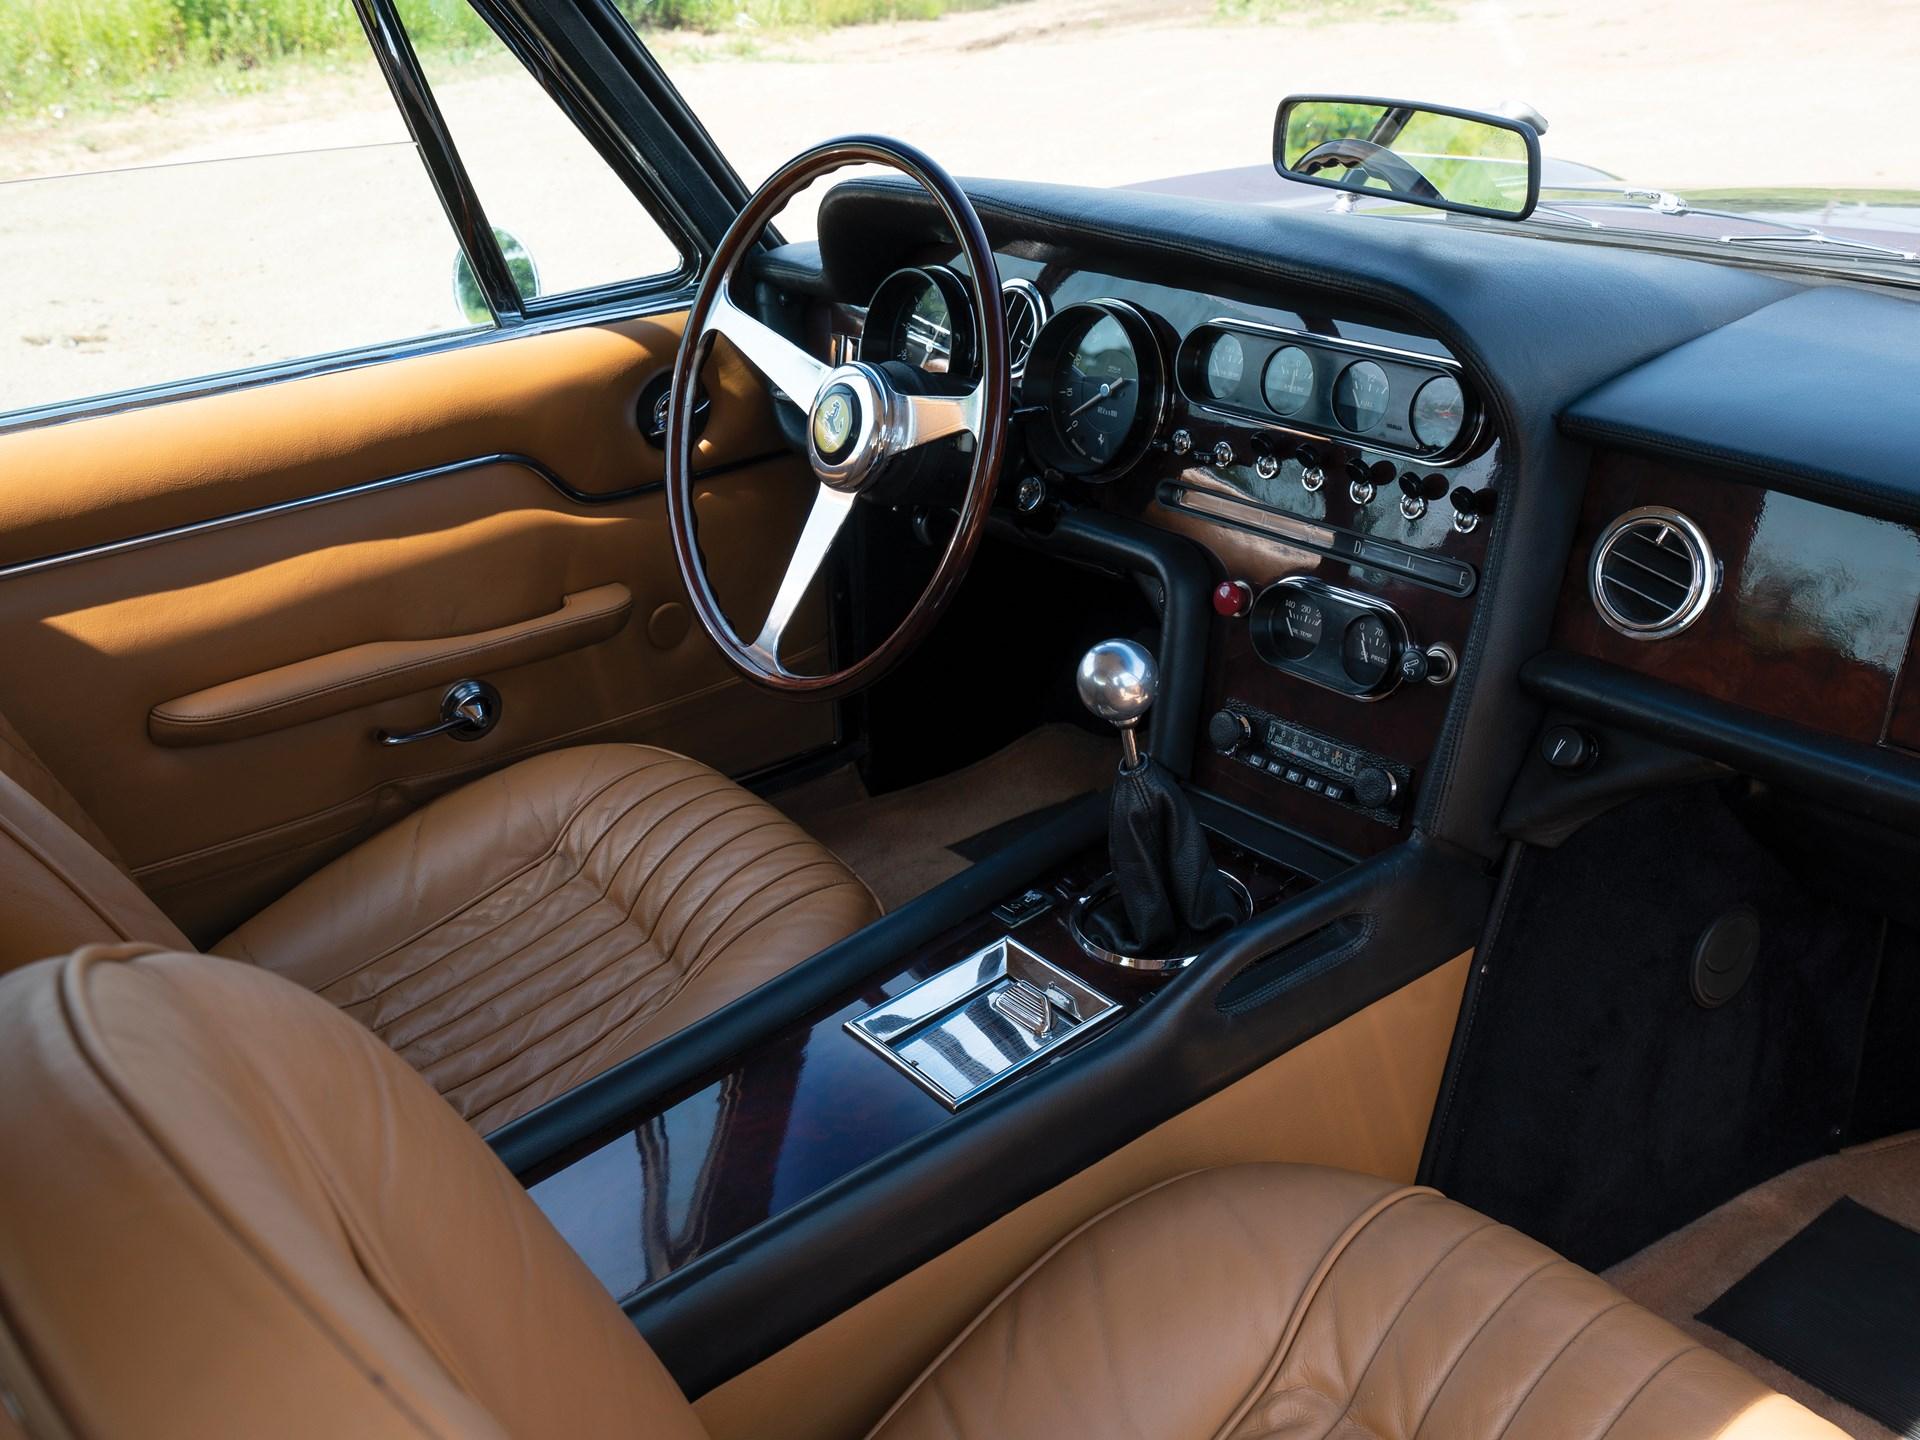 1965 Ferrari 330 GT 2+2 Shooting Brake passenger interior